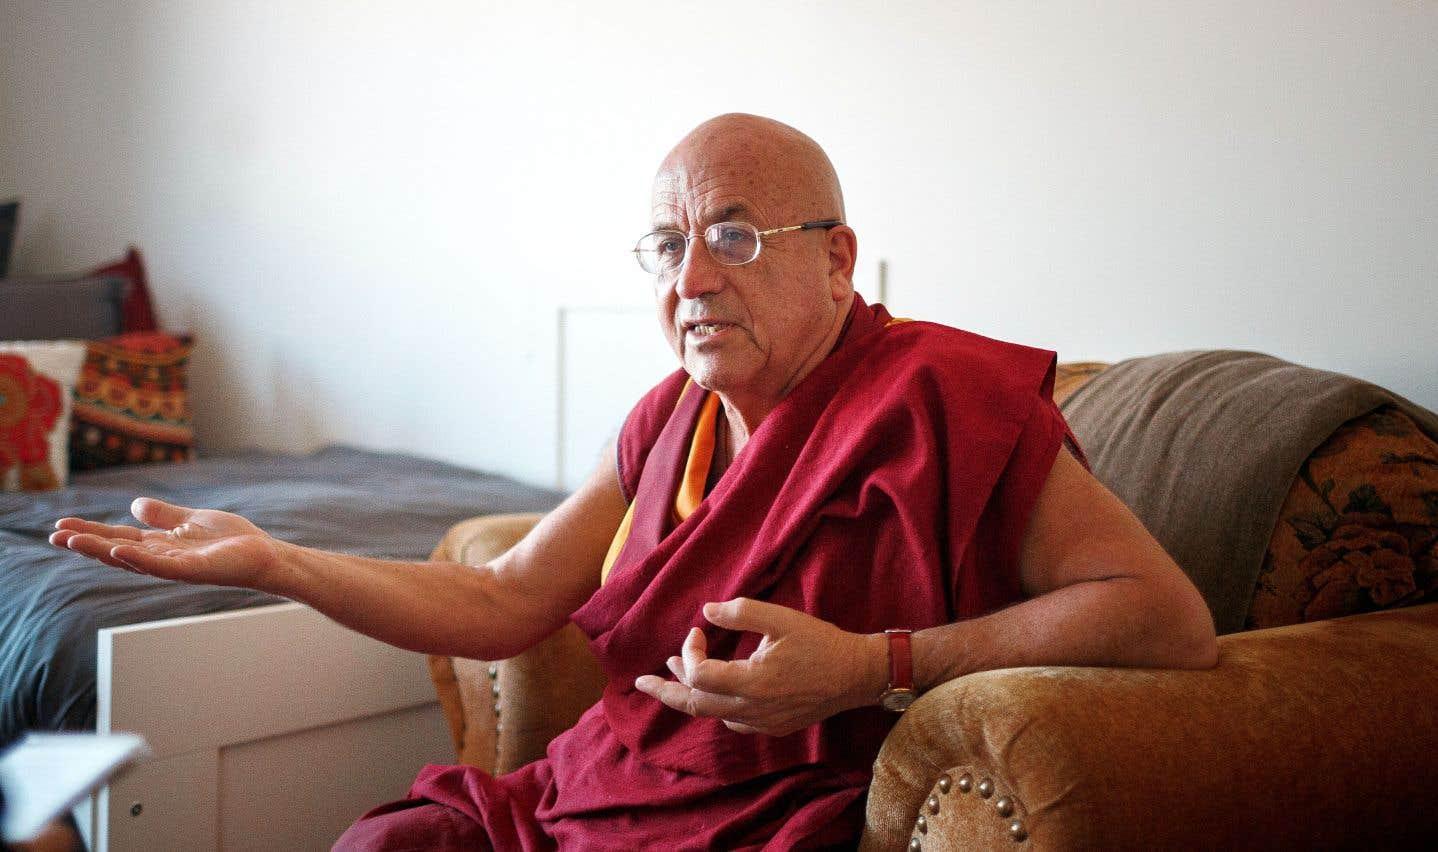 Moine et interprète du dalaï-lama, Matthieu Ricard ne condamne pas d'emblée le long silence d'Aung San Suu Kyi face au sort réservé aux Rohingyas.